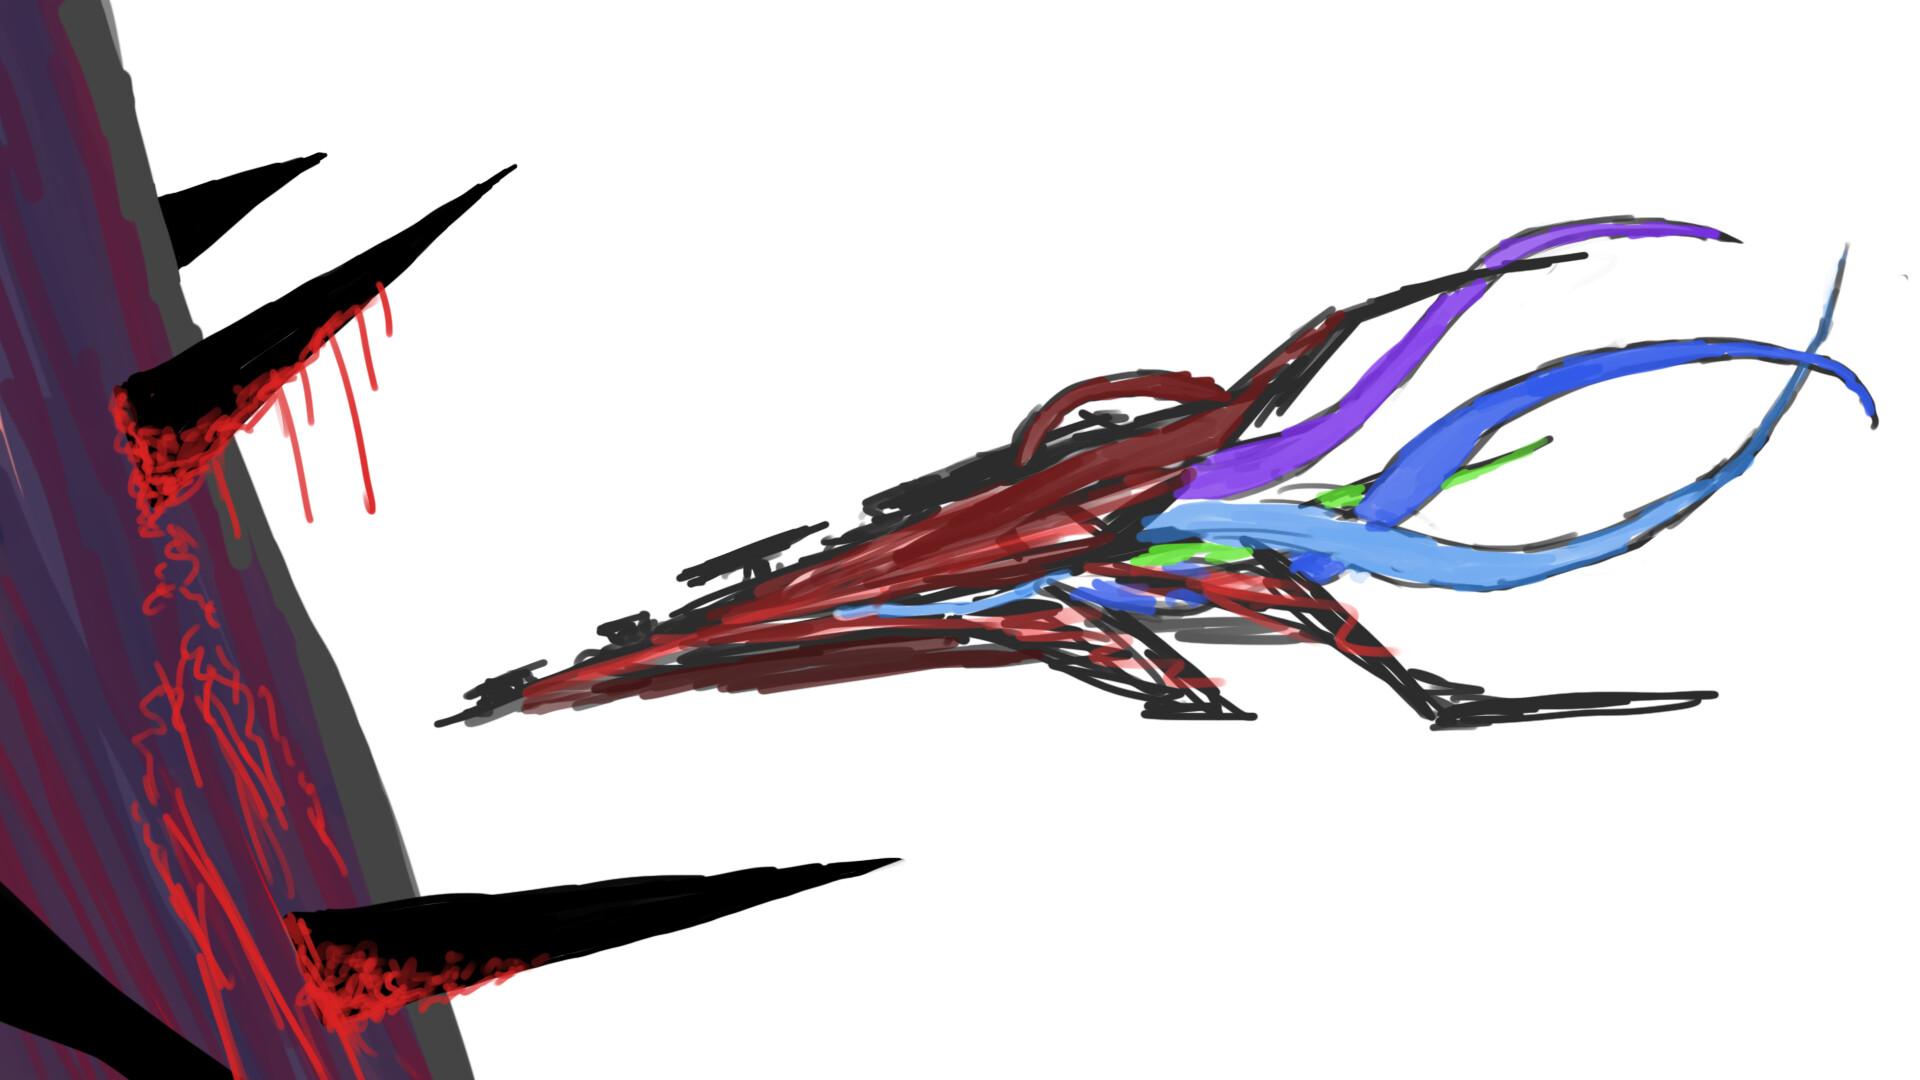 Alexander laheij drawing11 17